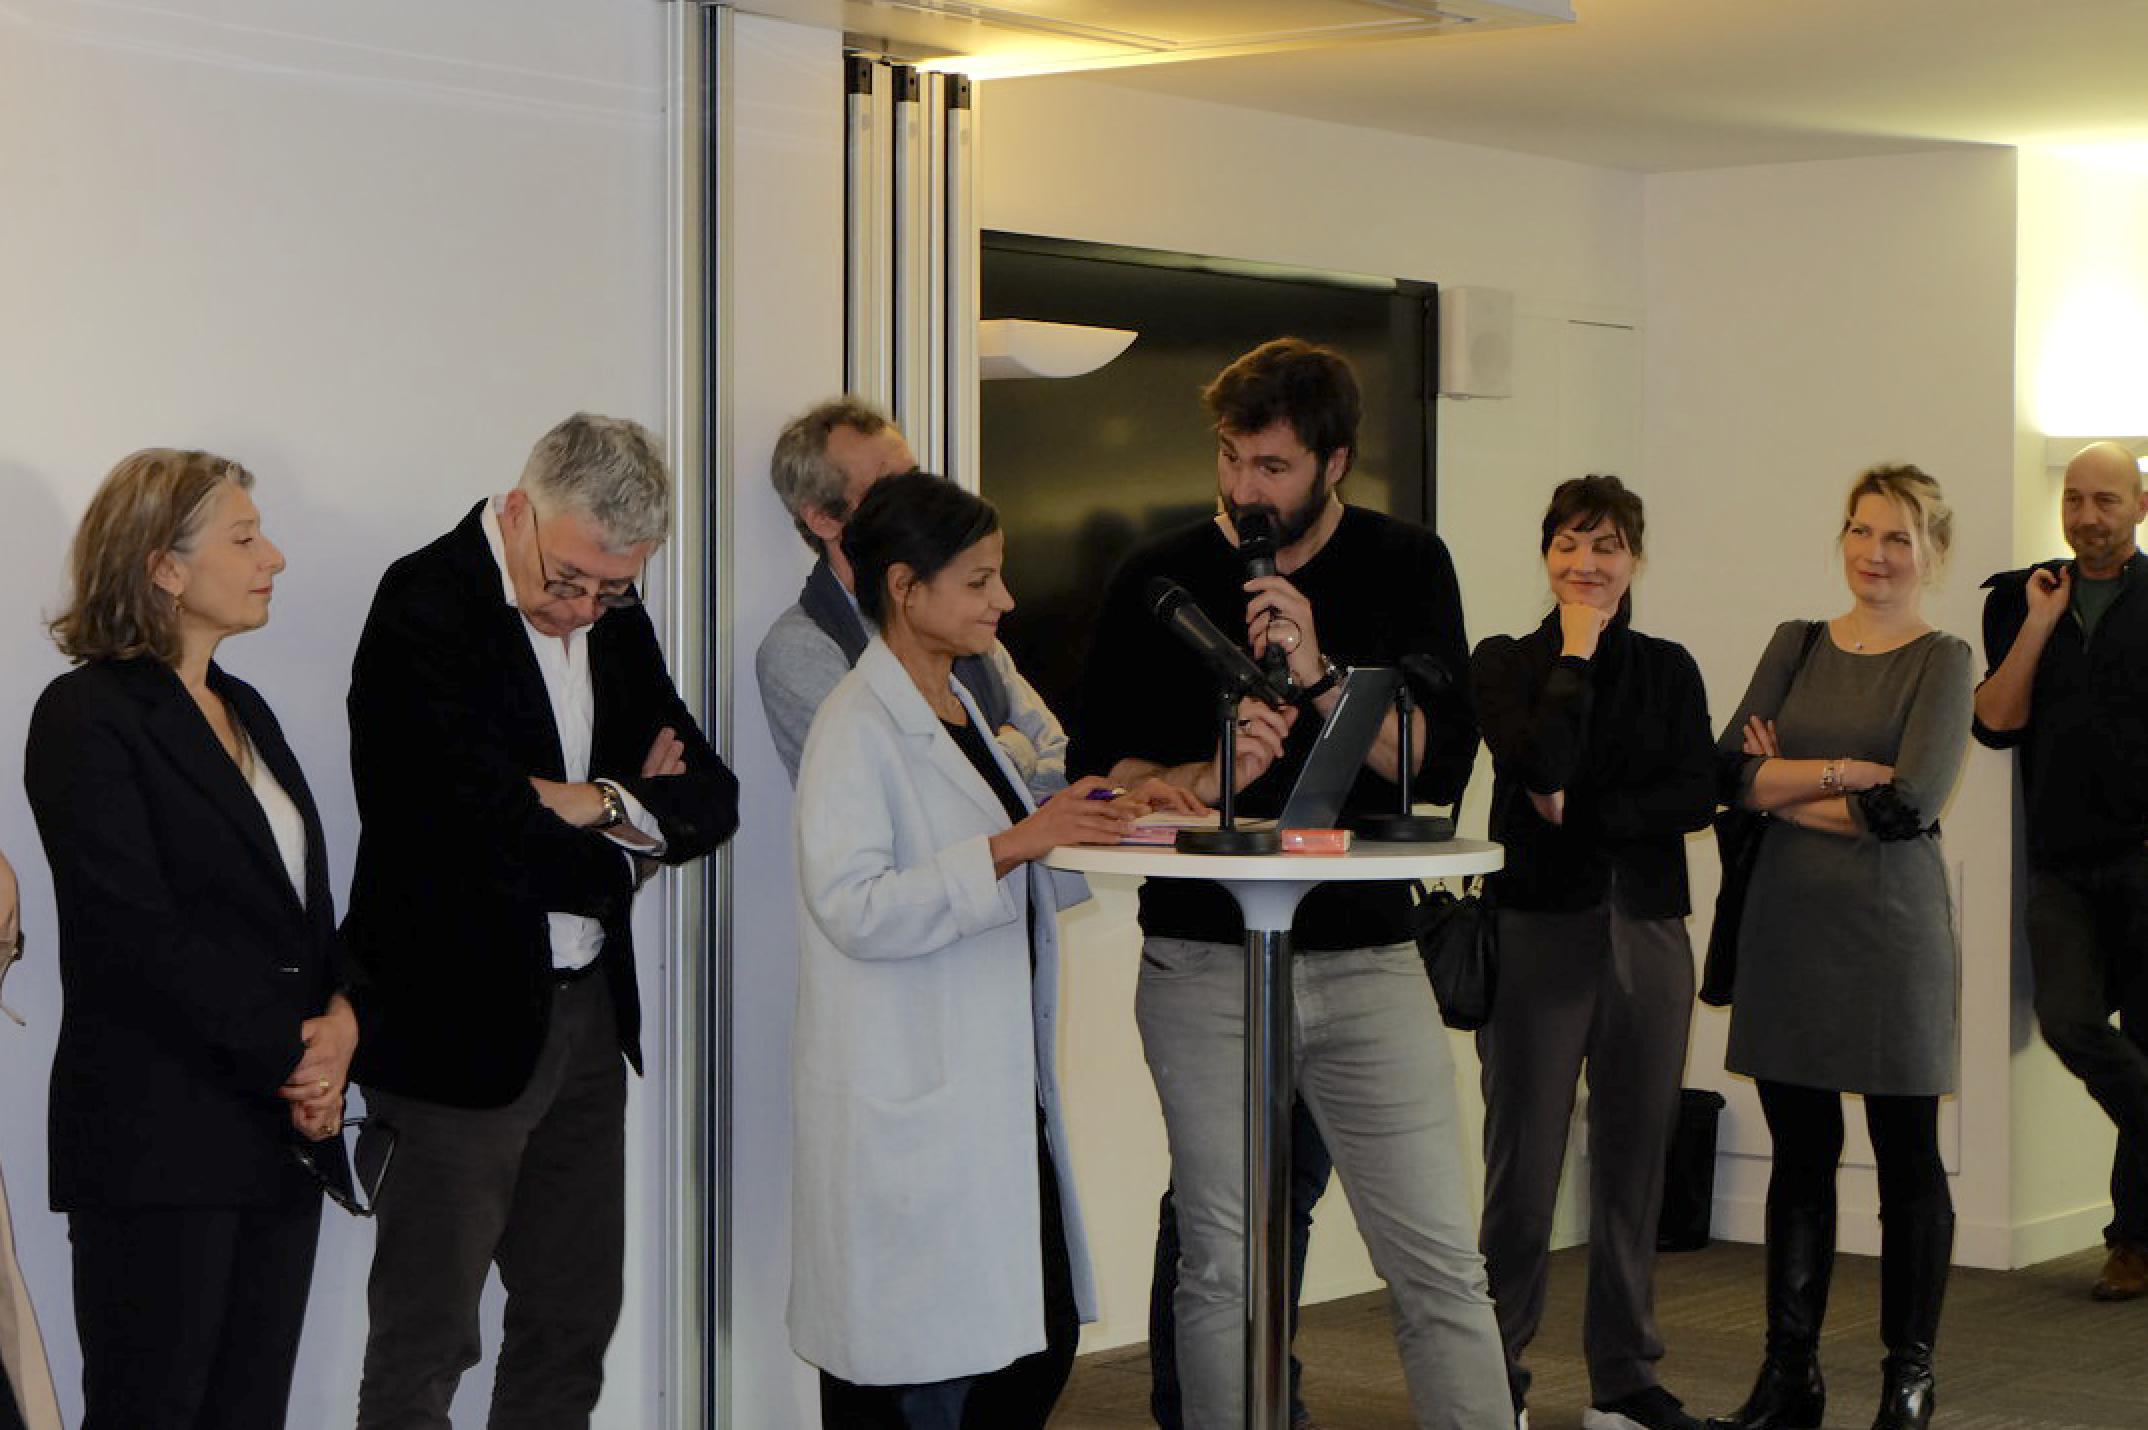 De gauche à droite: Sophie Perrot-Krikorian; Manuel Houssais (CPNEF-AV); Christophe Pauly (CPNEF-AV); Kheira Berger (ina); Eric Jean-Jean (RTL); Nuria Paolini et Marta Lehnen (CPNEF-AV) et Eric Lange